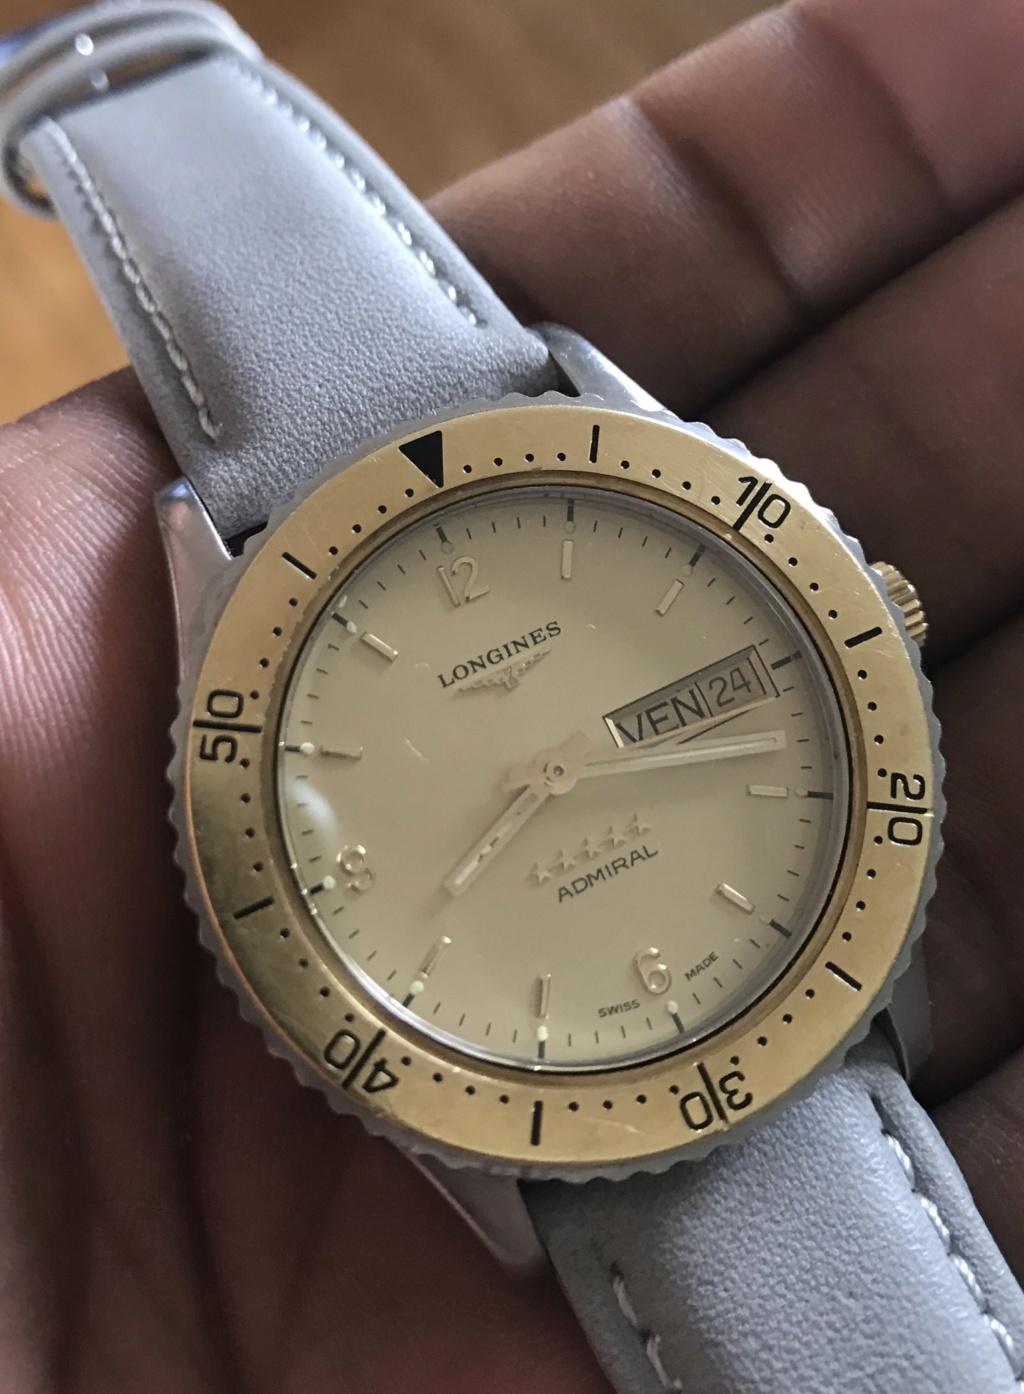 ZENITH -  [Postez ICI les demandes d'IDENTIFICATION et RENSEIGNEMENTS de vos montres] - Page 5 849d3310